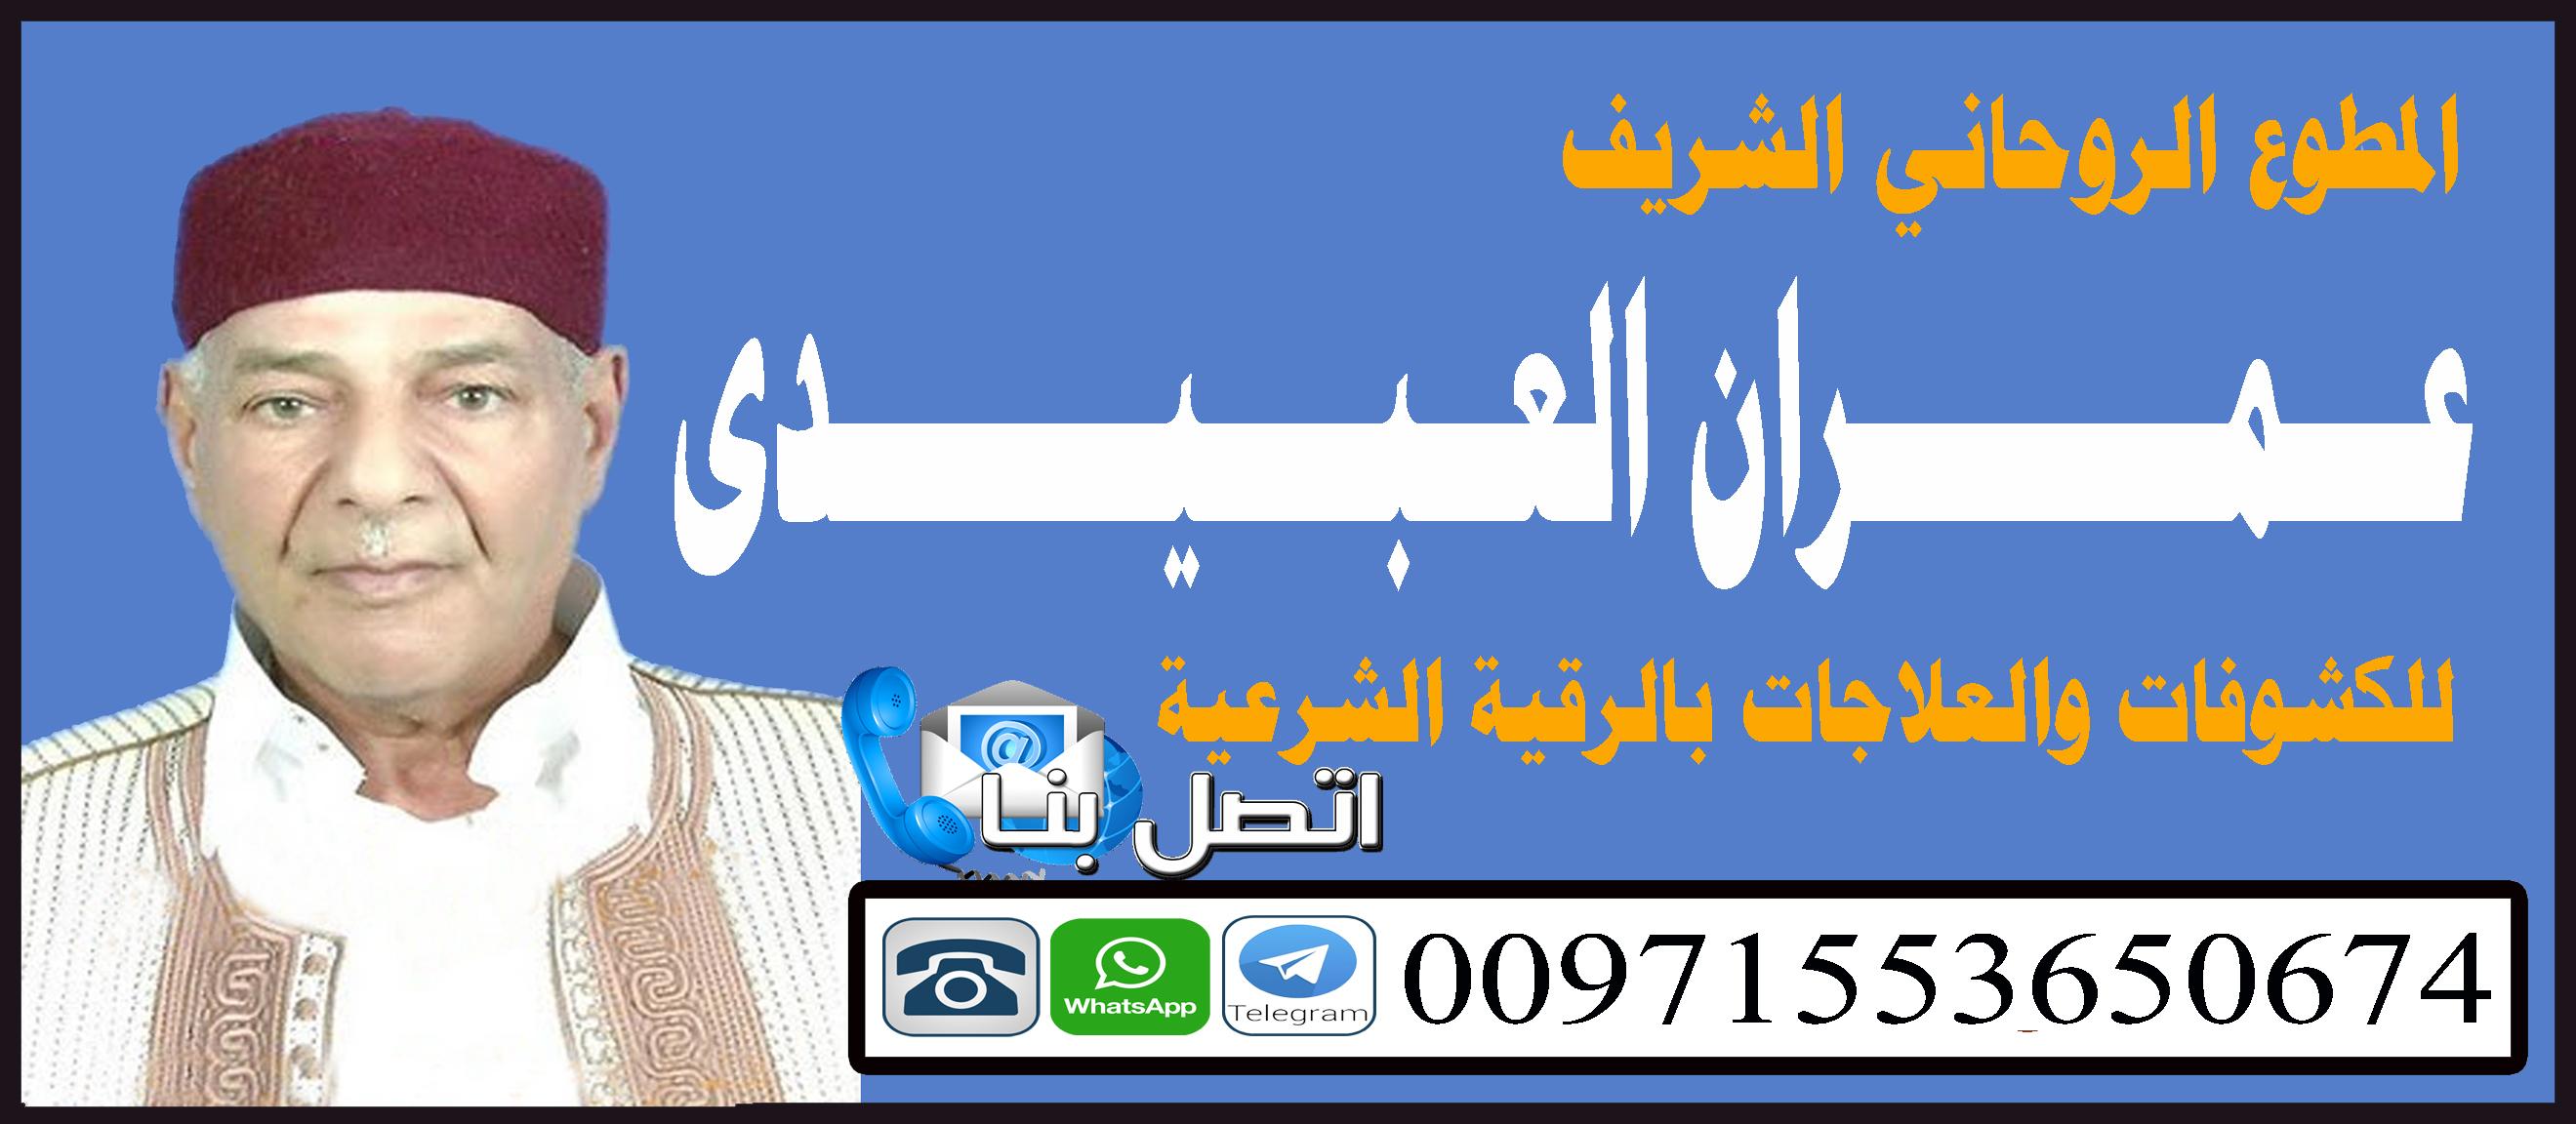 المطوع المعالج والشيخ الروحاني الشريف عمران العبيدي | 00971553650674